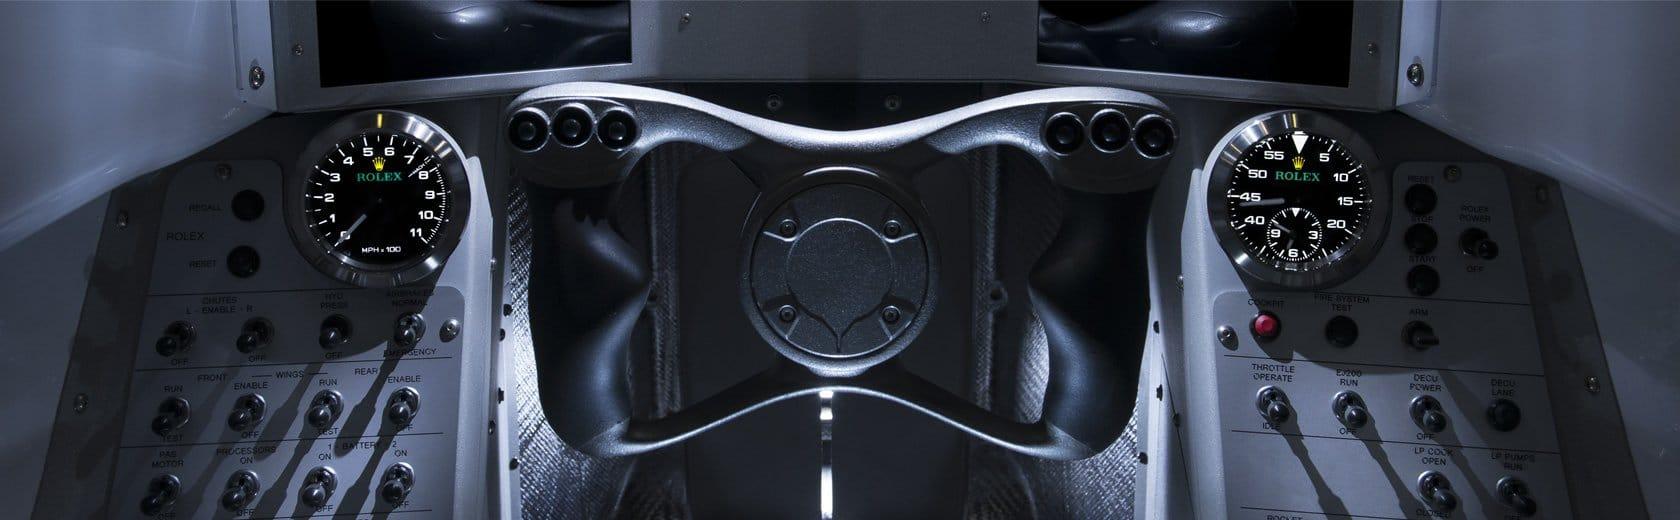 Rolex-Instrumente im Cockpit des Bloodhound SSC